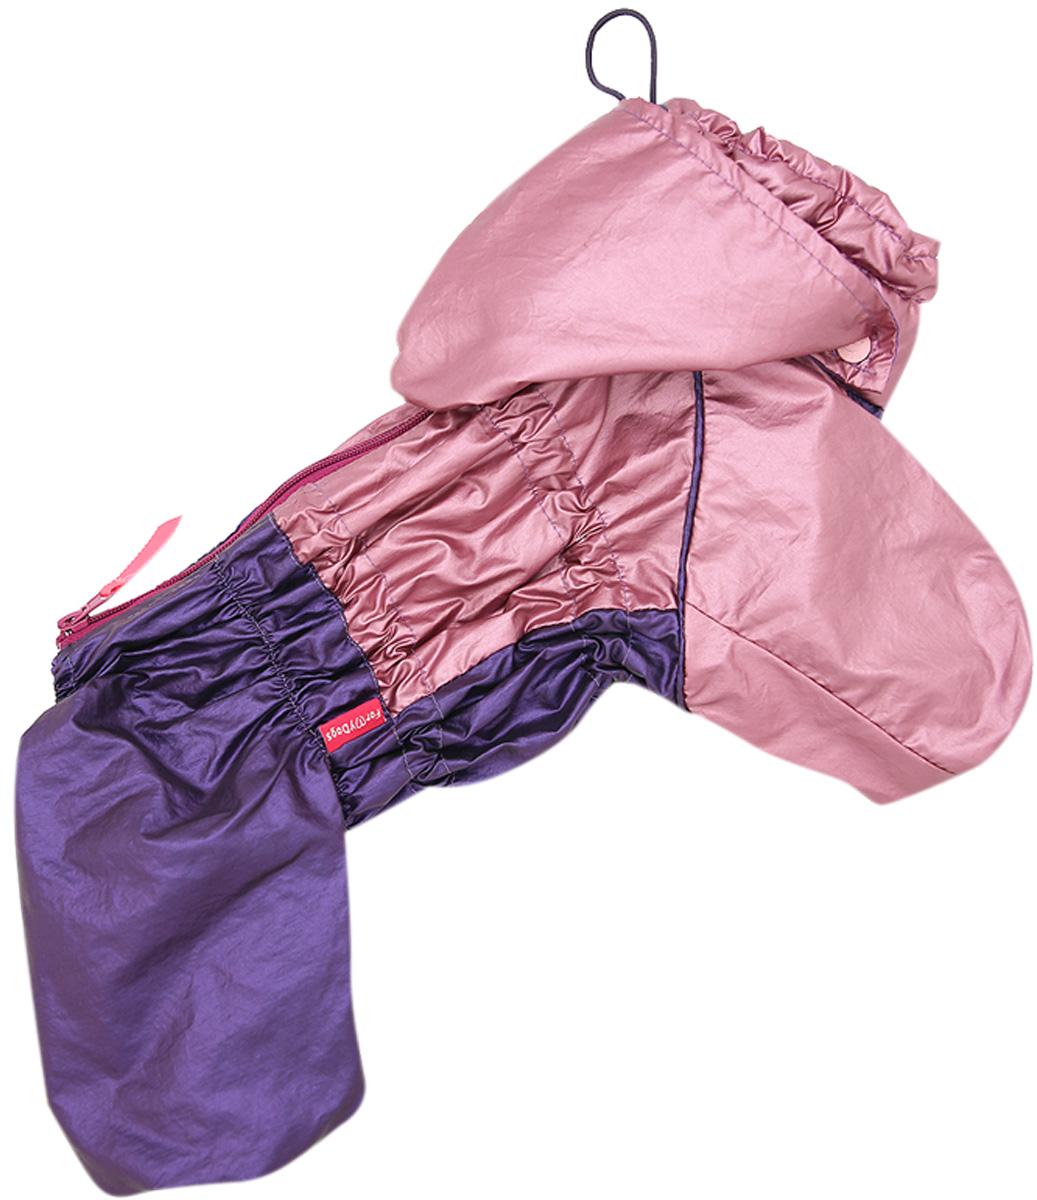 For My Dogs дождевик для собак розовый/фиолет металлик для девочек 430ss-2020 F (16)